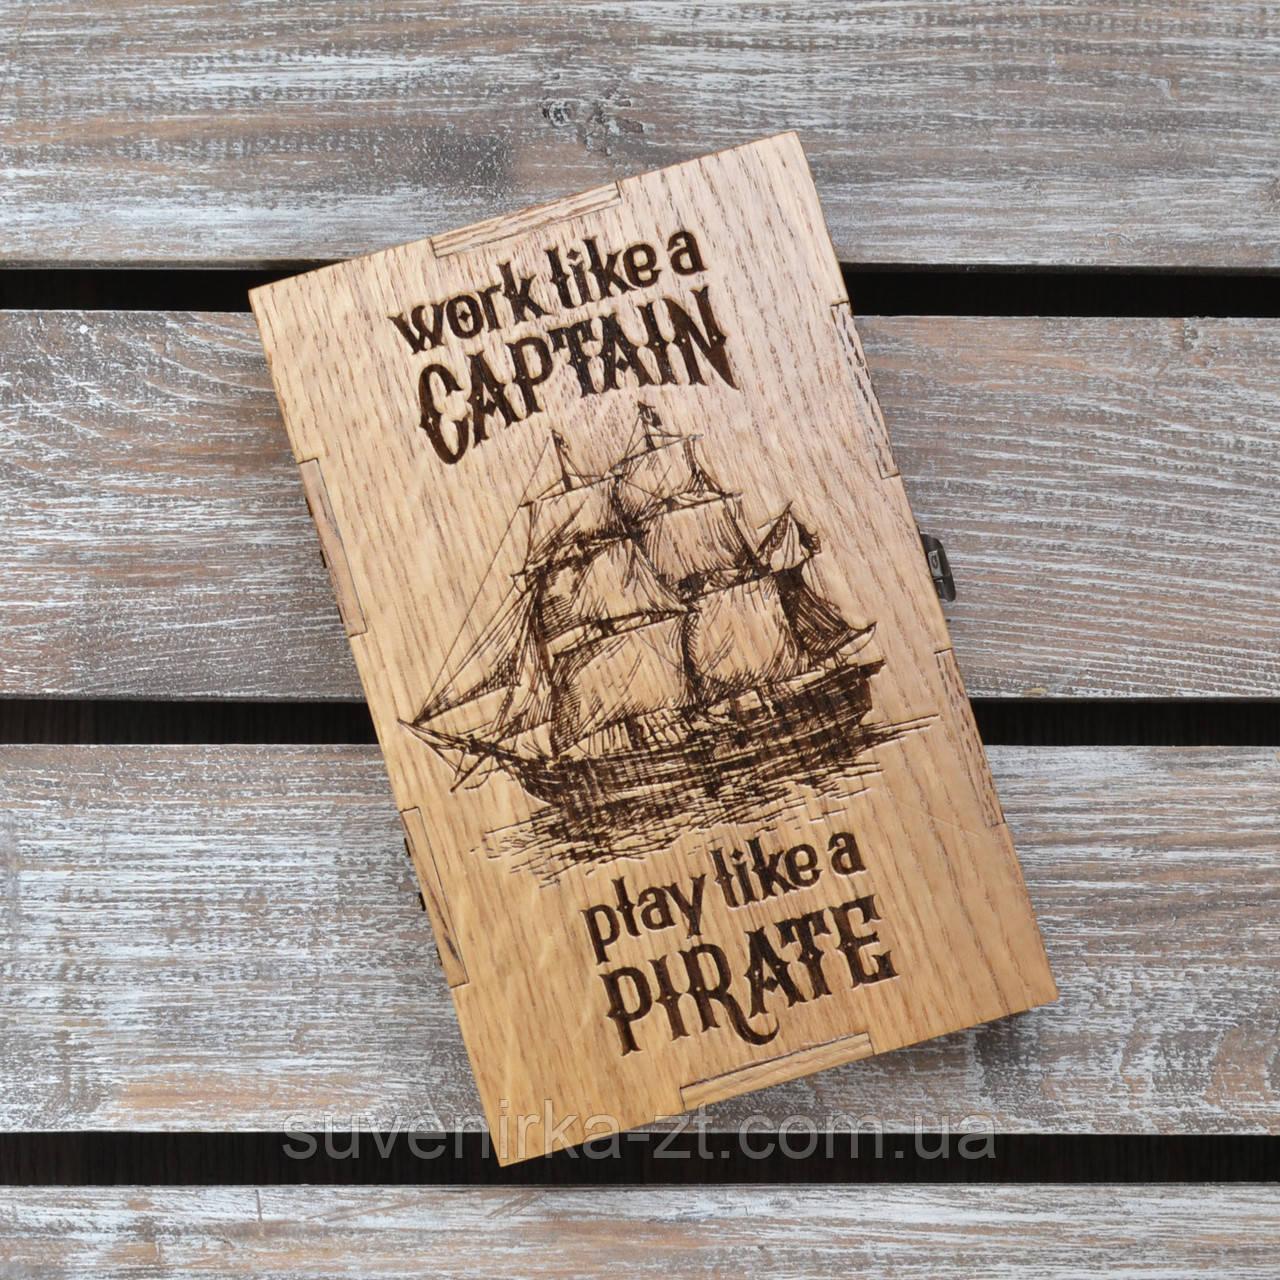 Дубовая коробка. Работай как капитан, отдыхай как пират. Виски и сигара в подарок. (А00802)